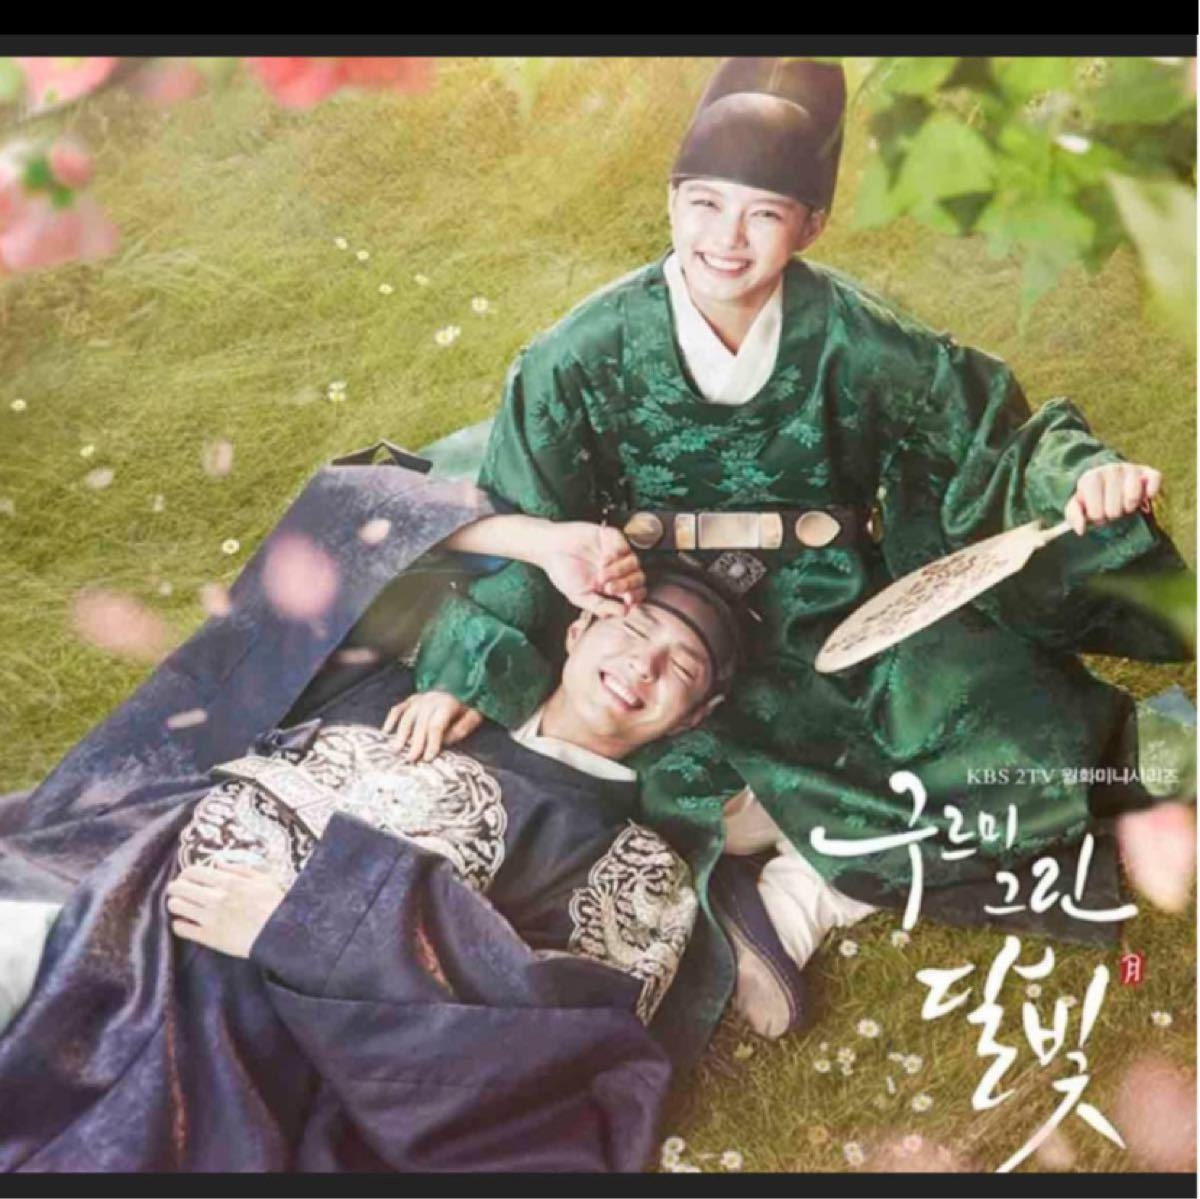 韓国ドラマ 雲が描いた月明かり【Blu-ray】吹き替えあり